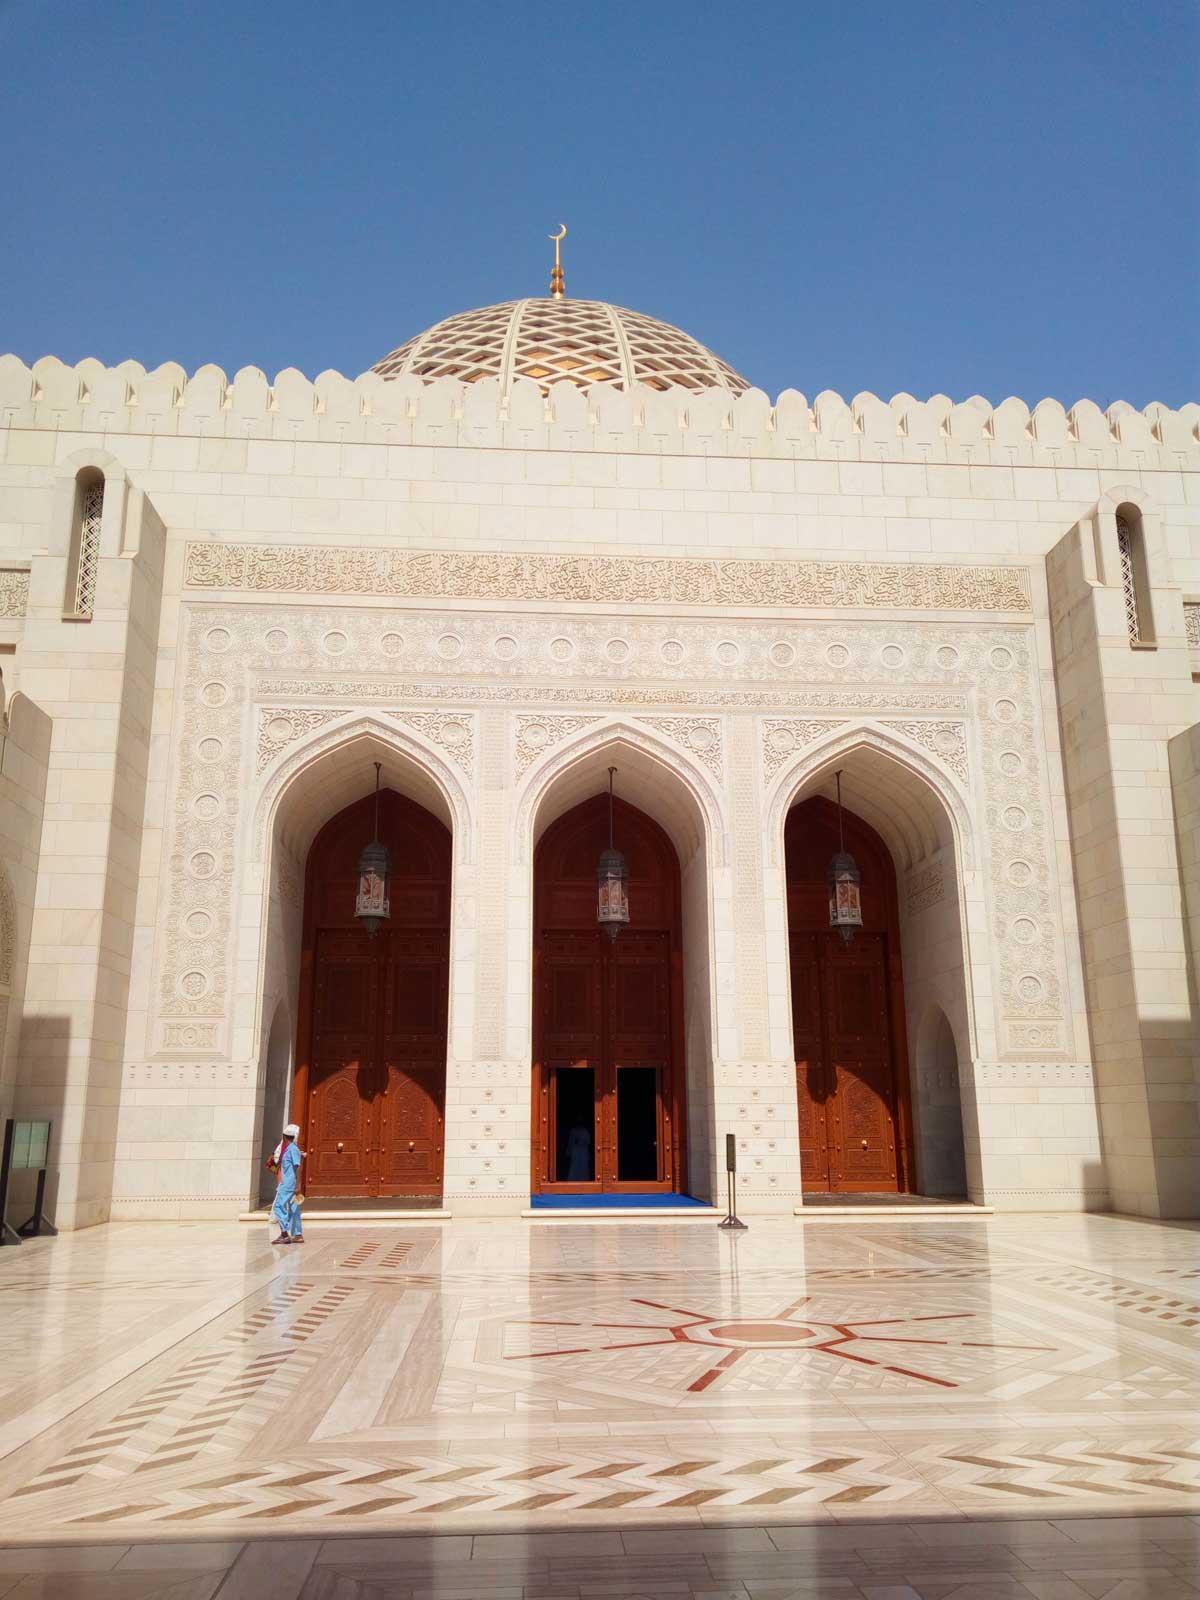 ingresso principale delle Moschea di Muscat  - foto di Danilo Boaretto